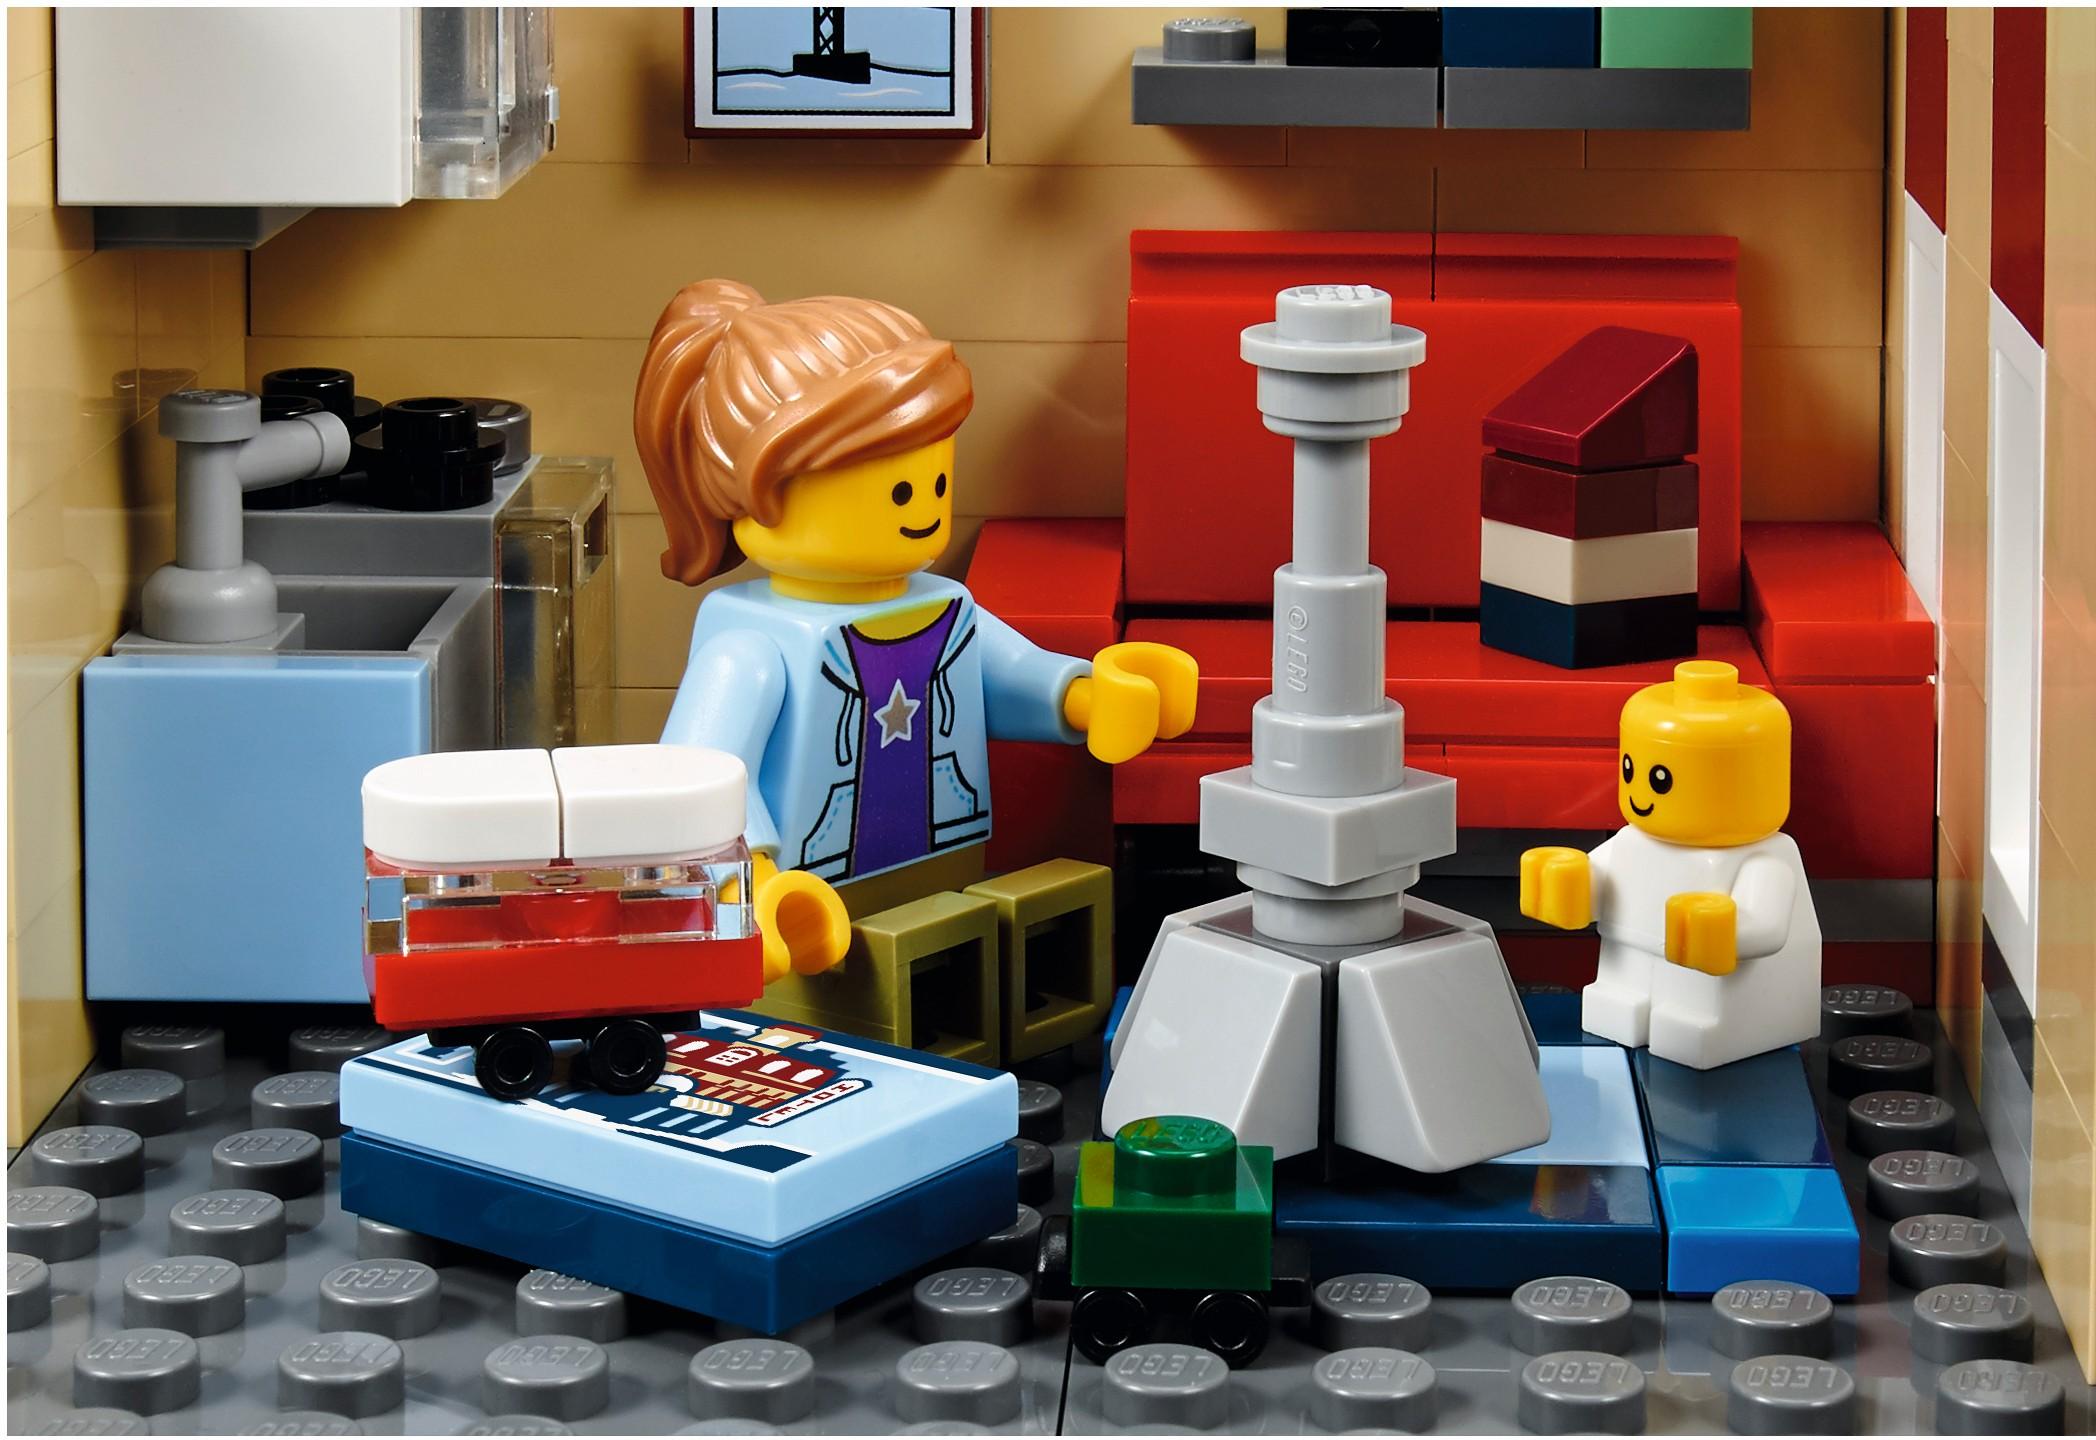 Mua đồ chơi LEGO 10255 - LEGO Creator Expert 10255 - Assembly Square